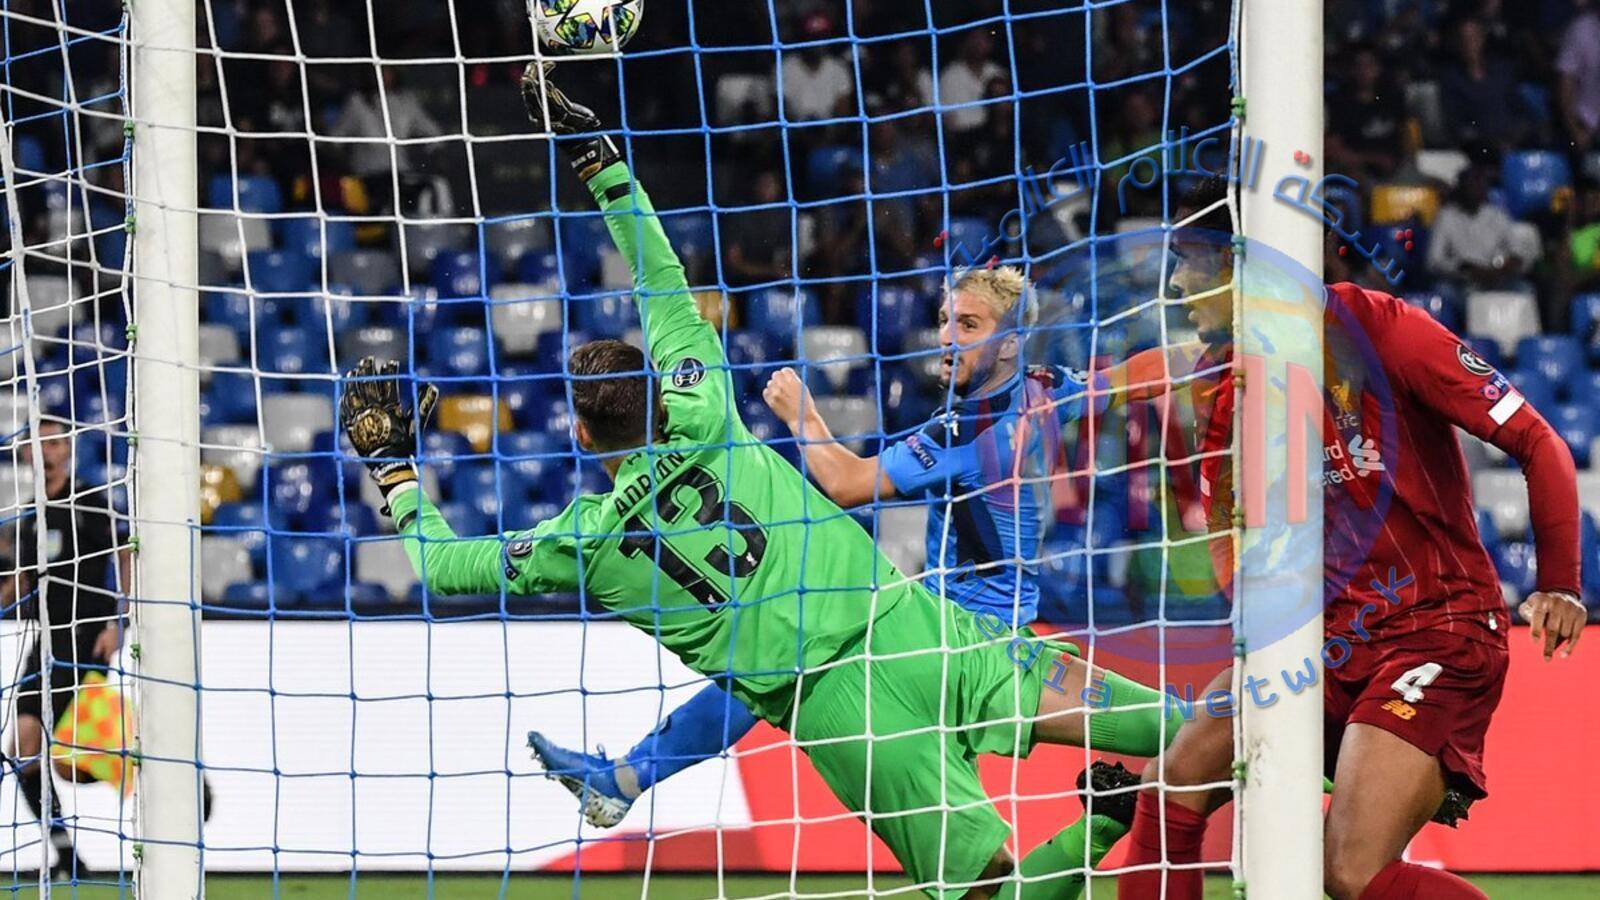 نابولي يسقط ليفربول بطل أوروبا بثنائية نظيفة